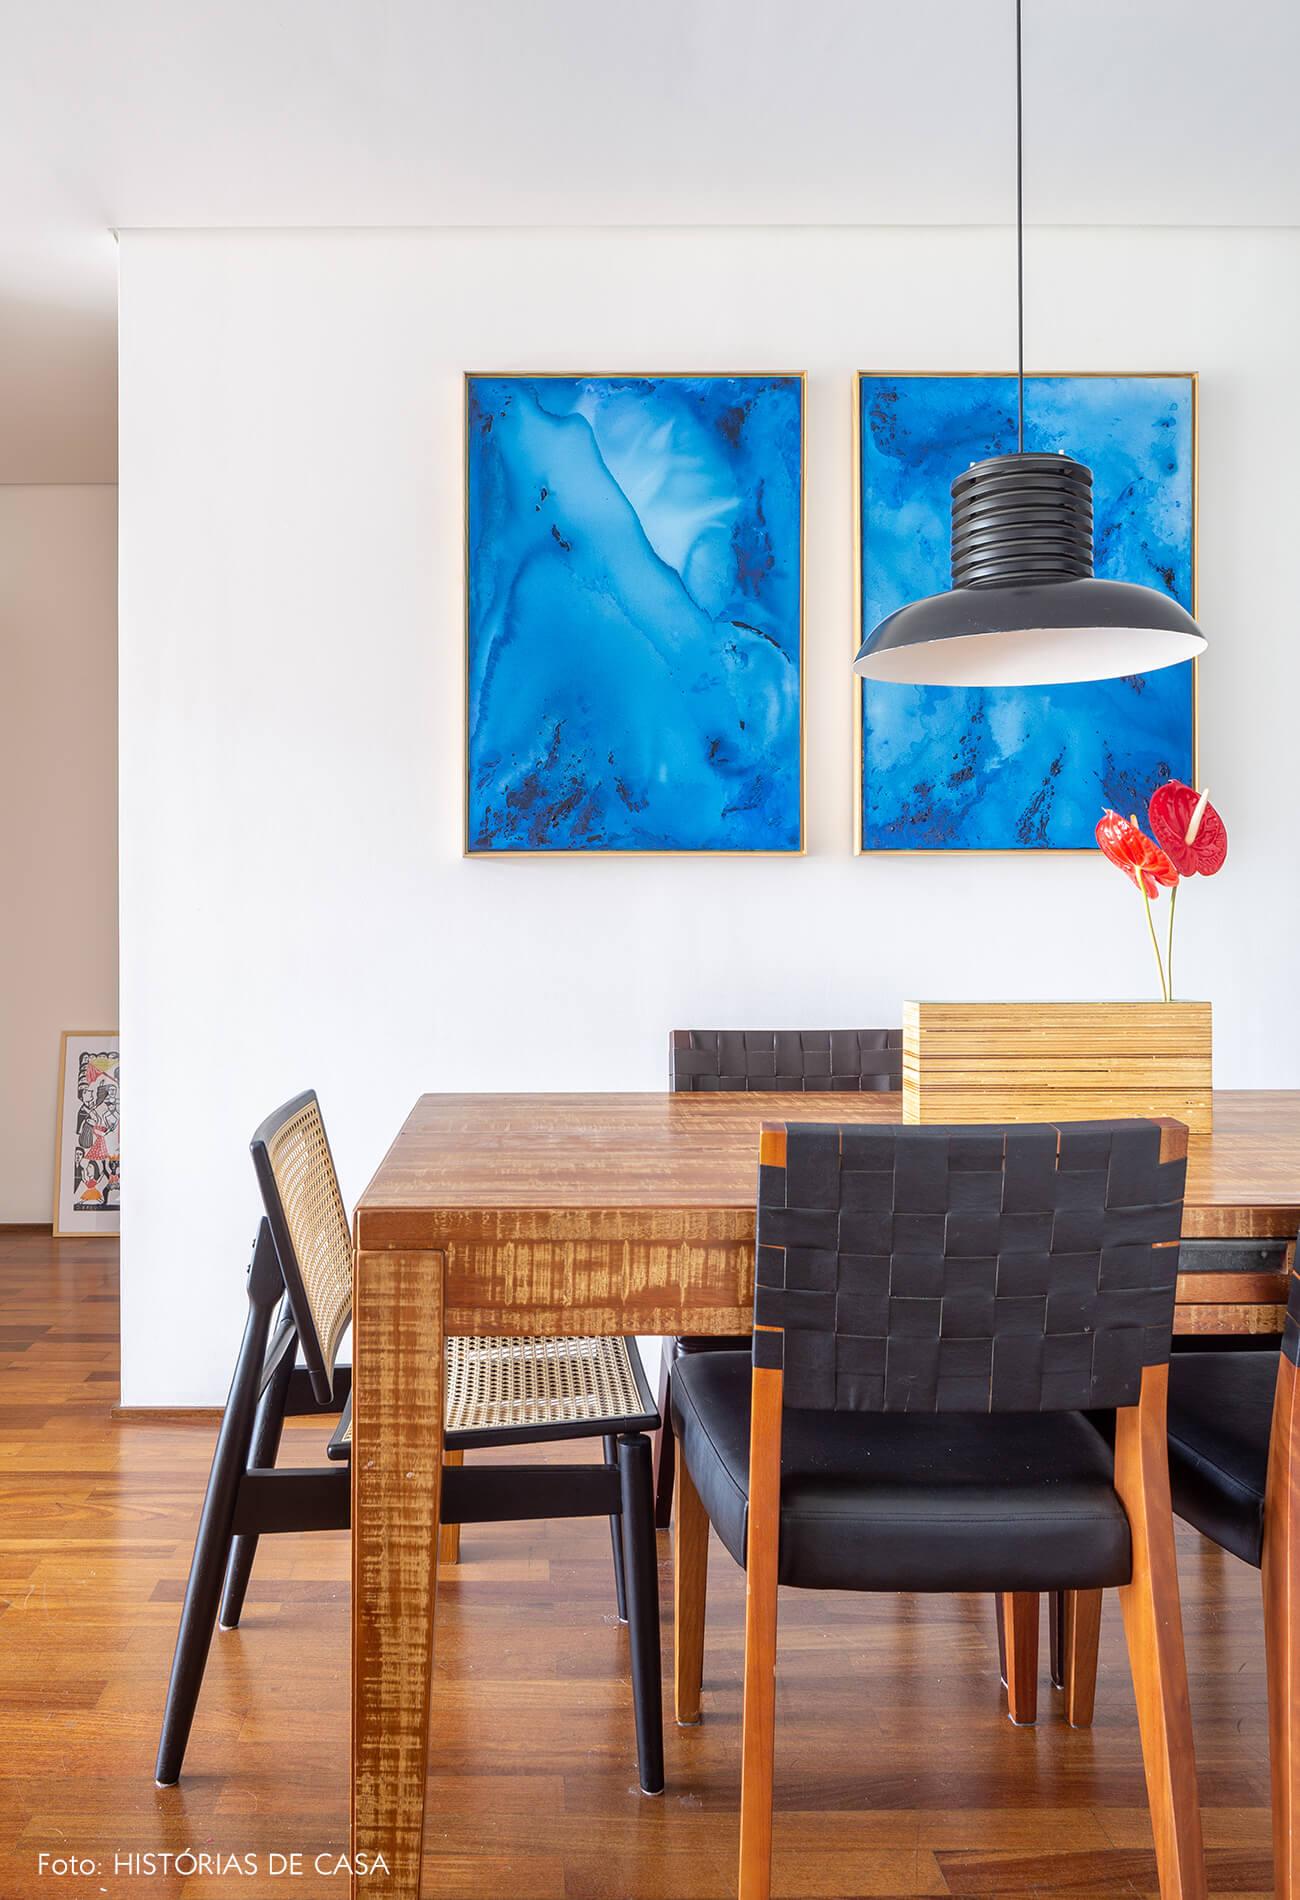 decoração sala jantar com mesa de madeira e cadeira palhinha